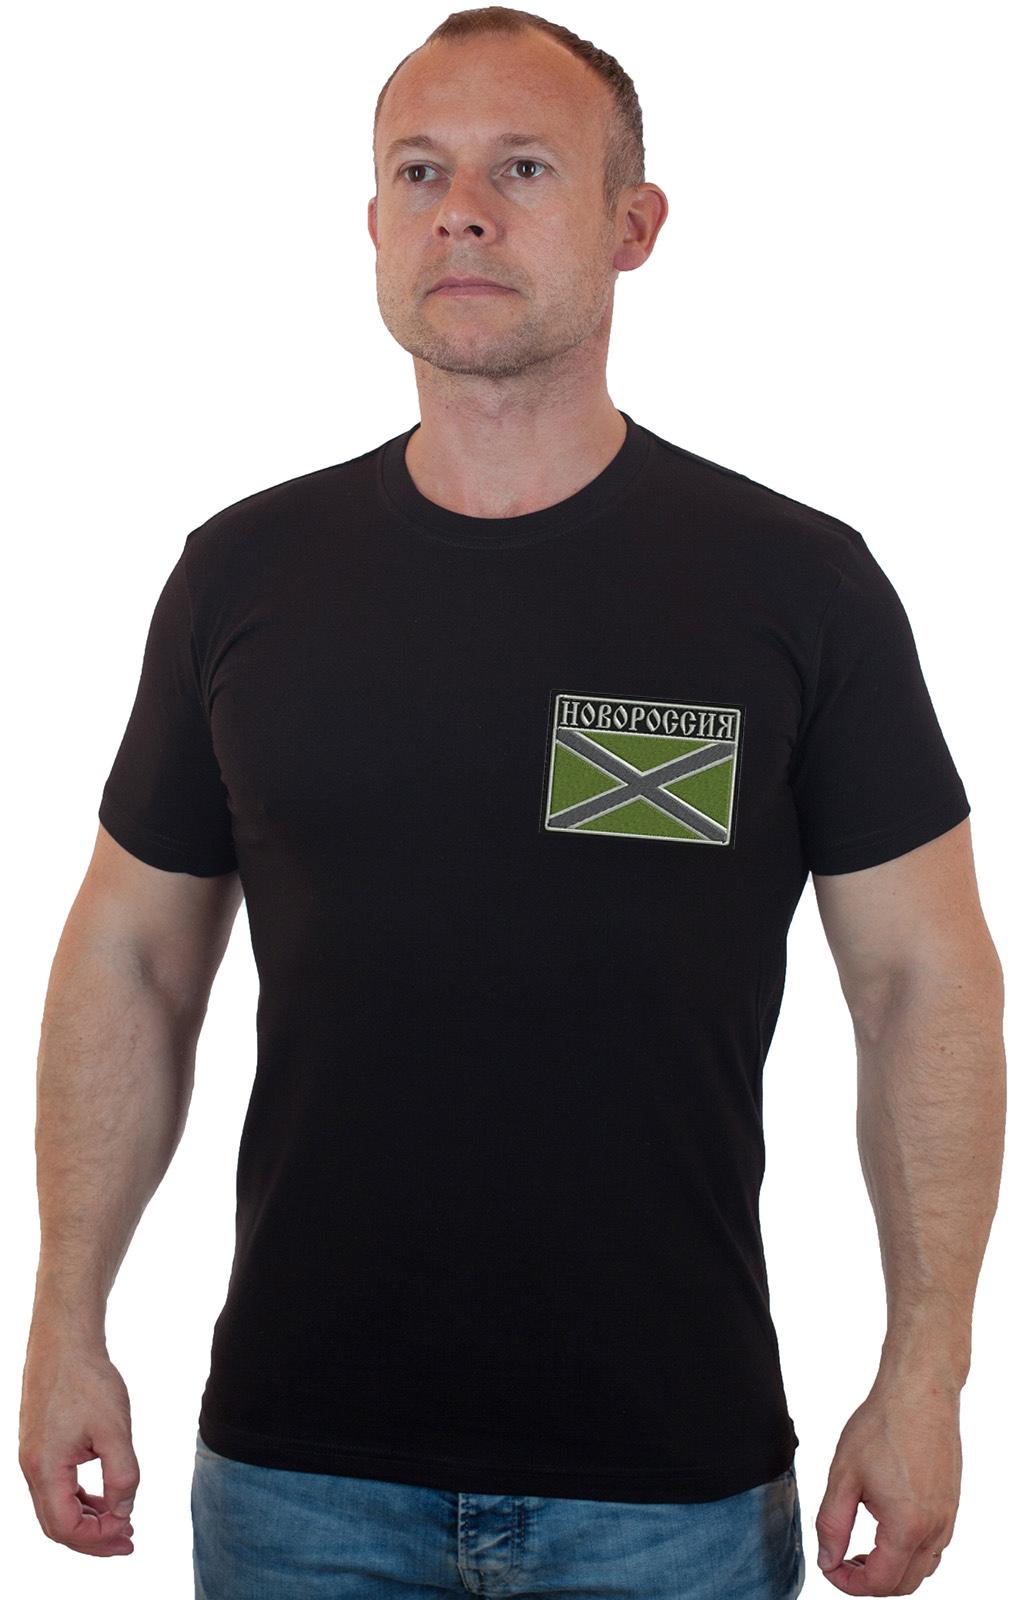 Купить в военторге недорогую футболку с флагом Новороссии